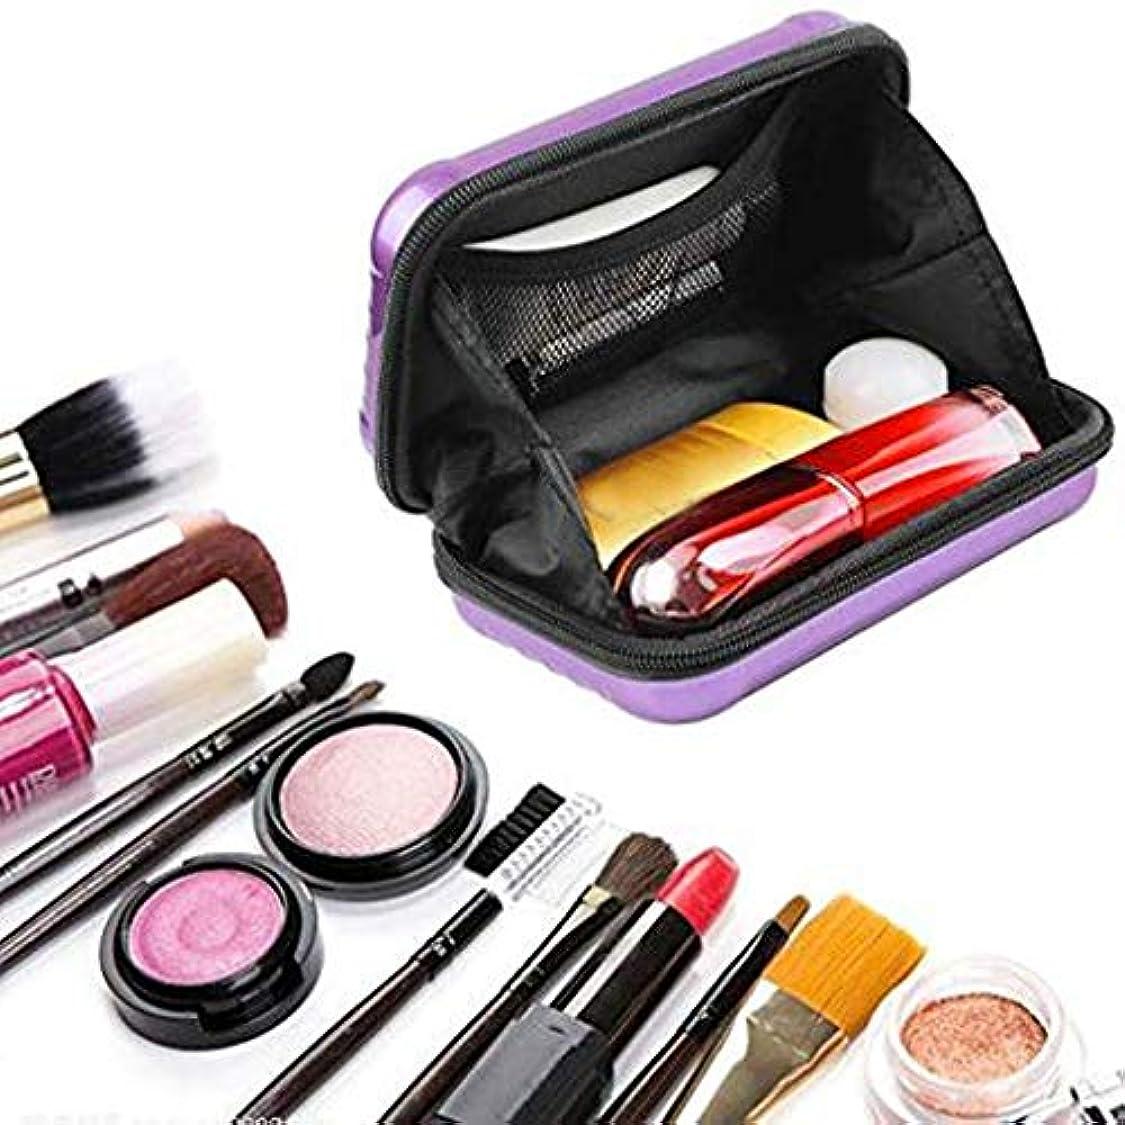 痛みスピーチ著作権ミニポータブル旅行化粧品バッグ、女性のための防水/クラッシュ防止化粧バッグ、スーツケース化粧品ハンドバッグ (紫の)